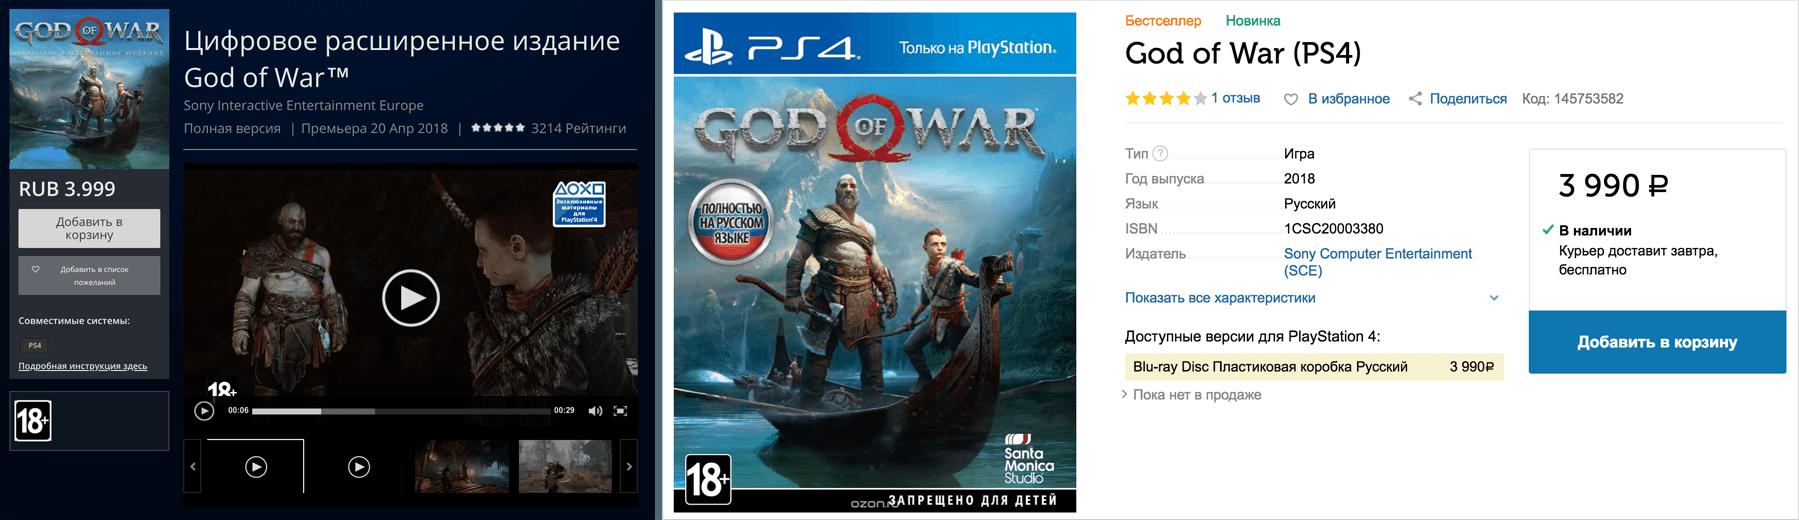 Цифровая и физическая копии God of War в PlaystationStore и интернет-магазине «Озон»